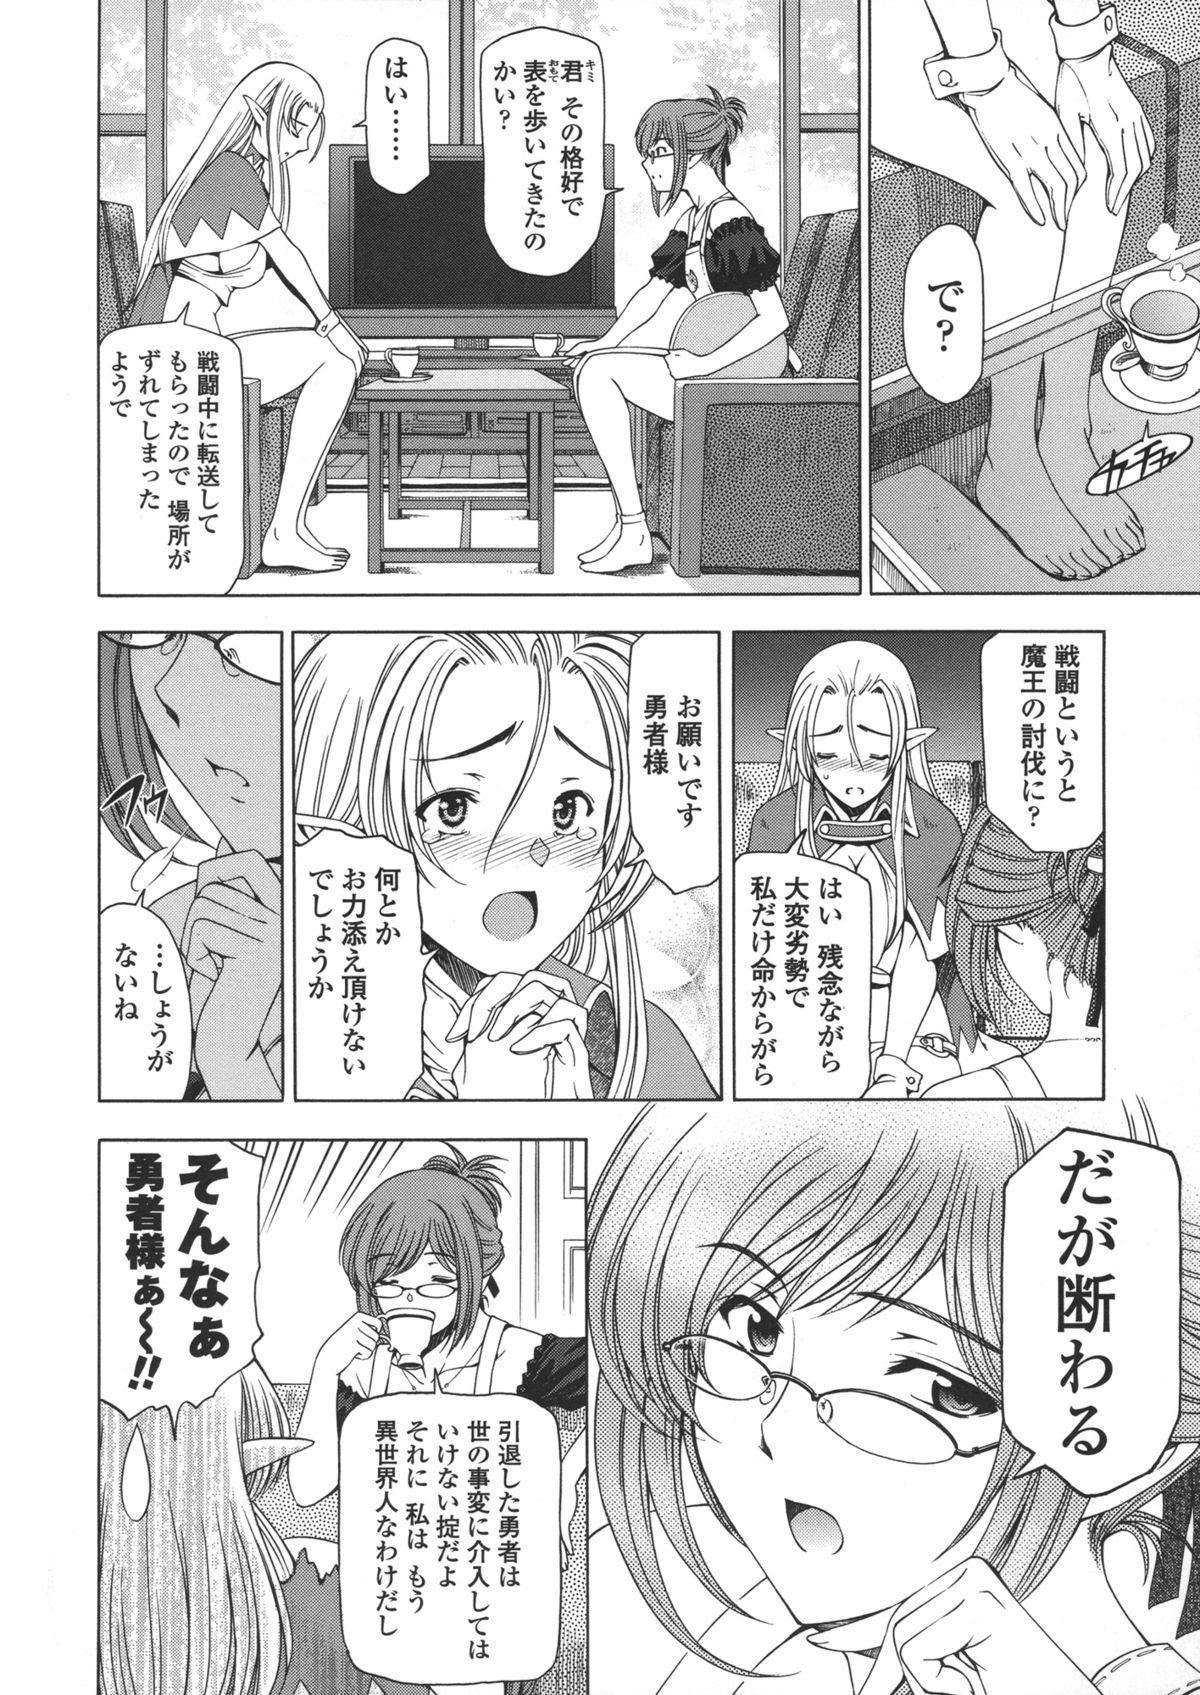 Ane wa Shota o Suki ni Naru 126